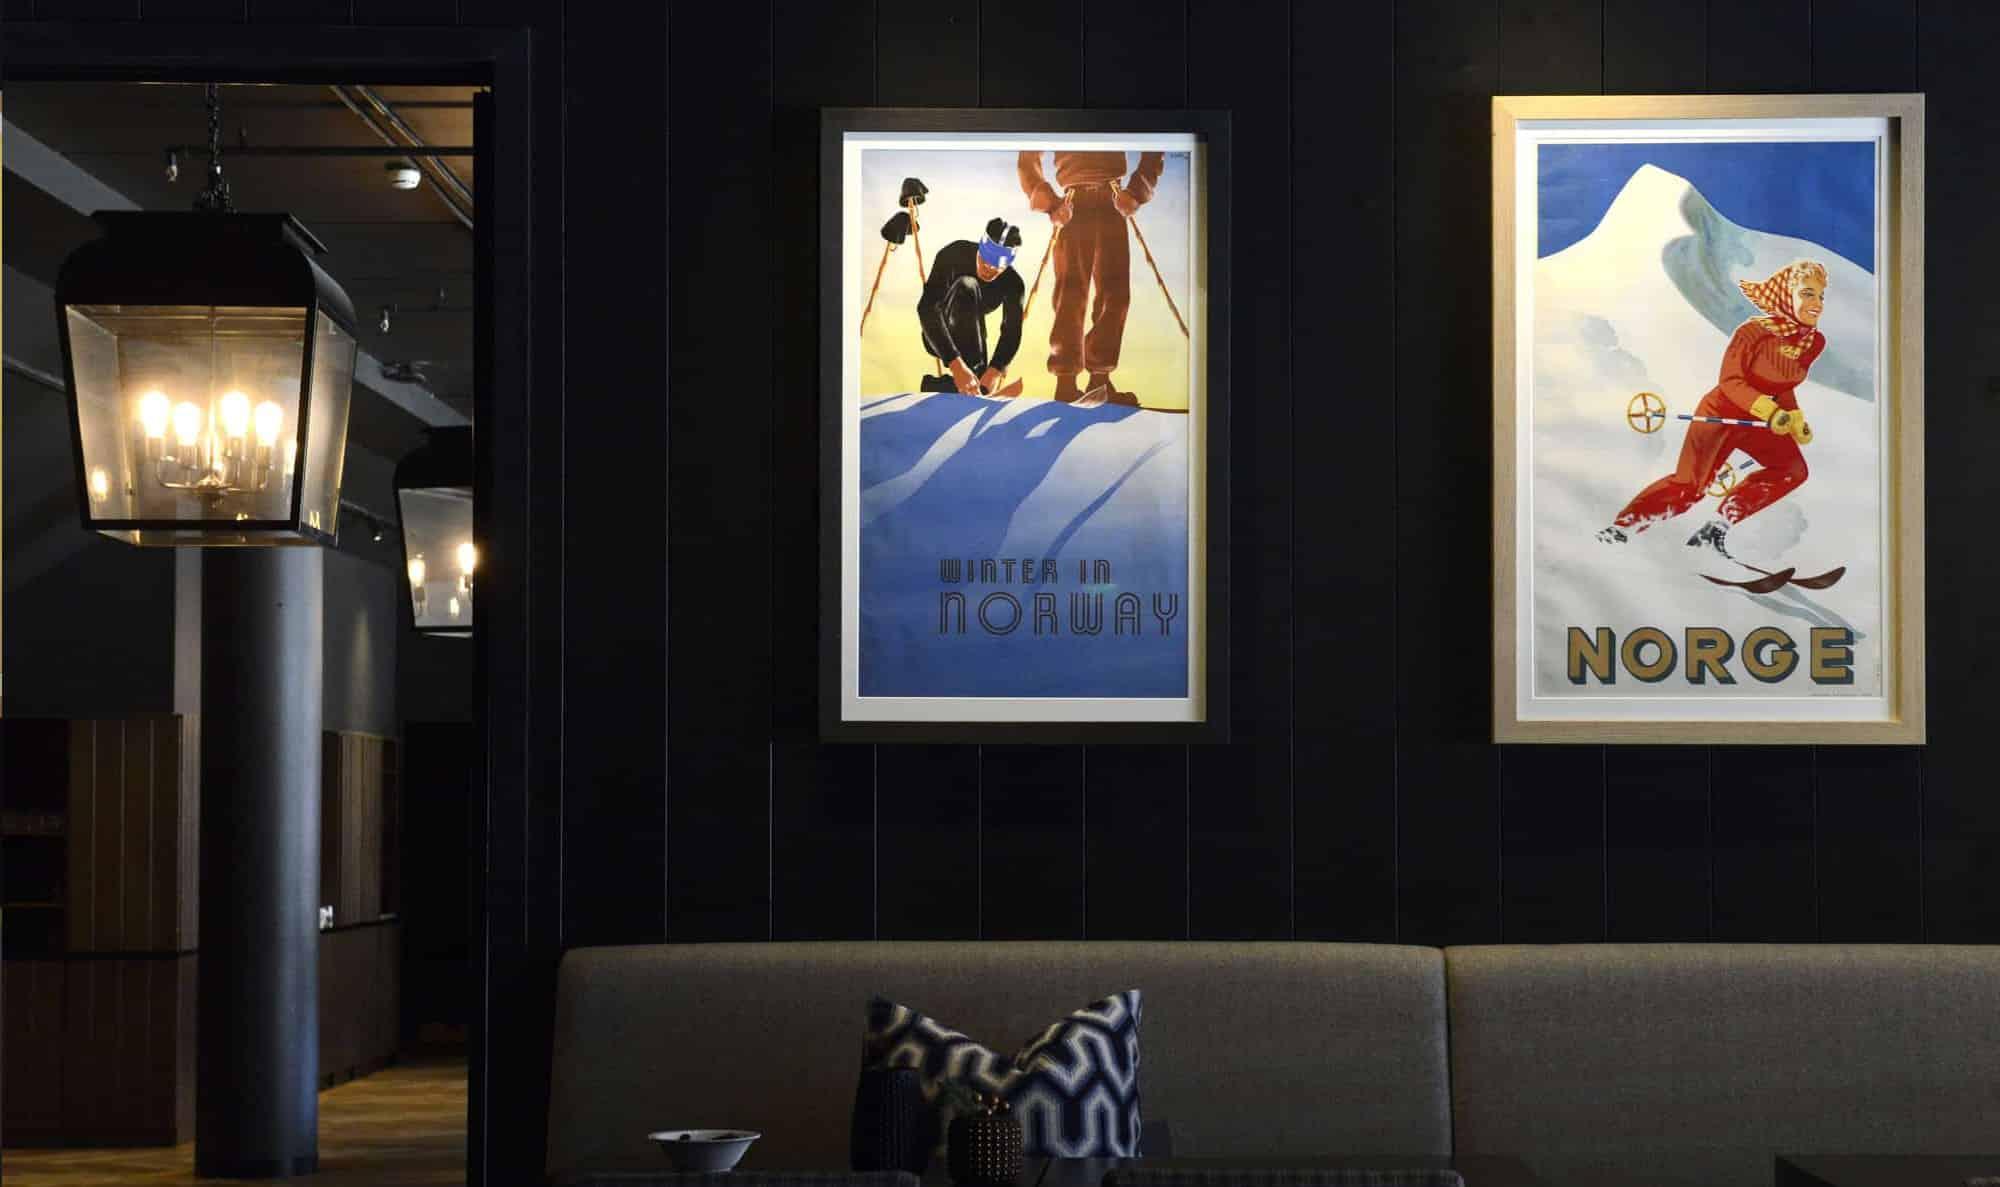 The Gundersen Collection har i dag har en av de største private samlingene med plakater med norske vintersportmotiv. Fra 1907 og opp til i dag.